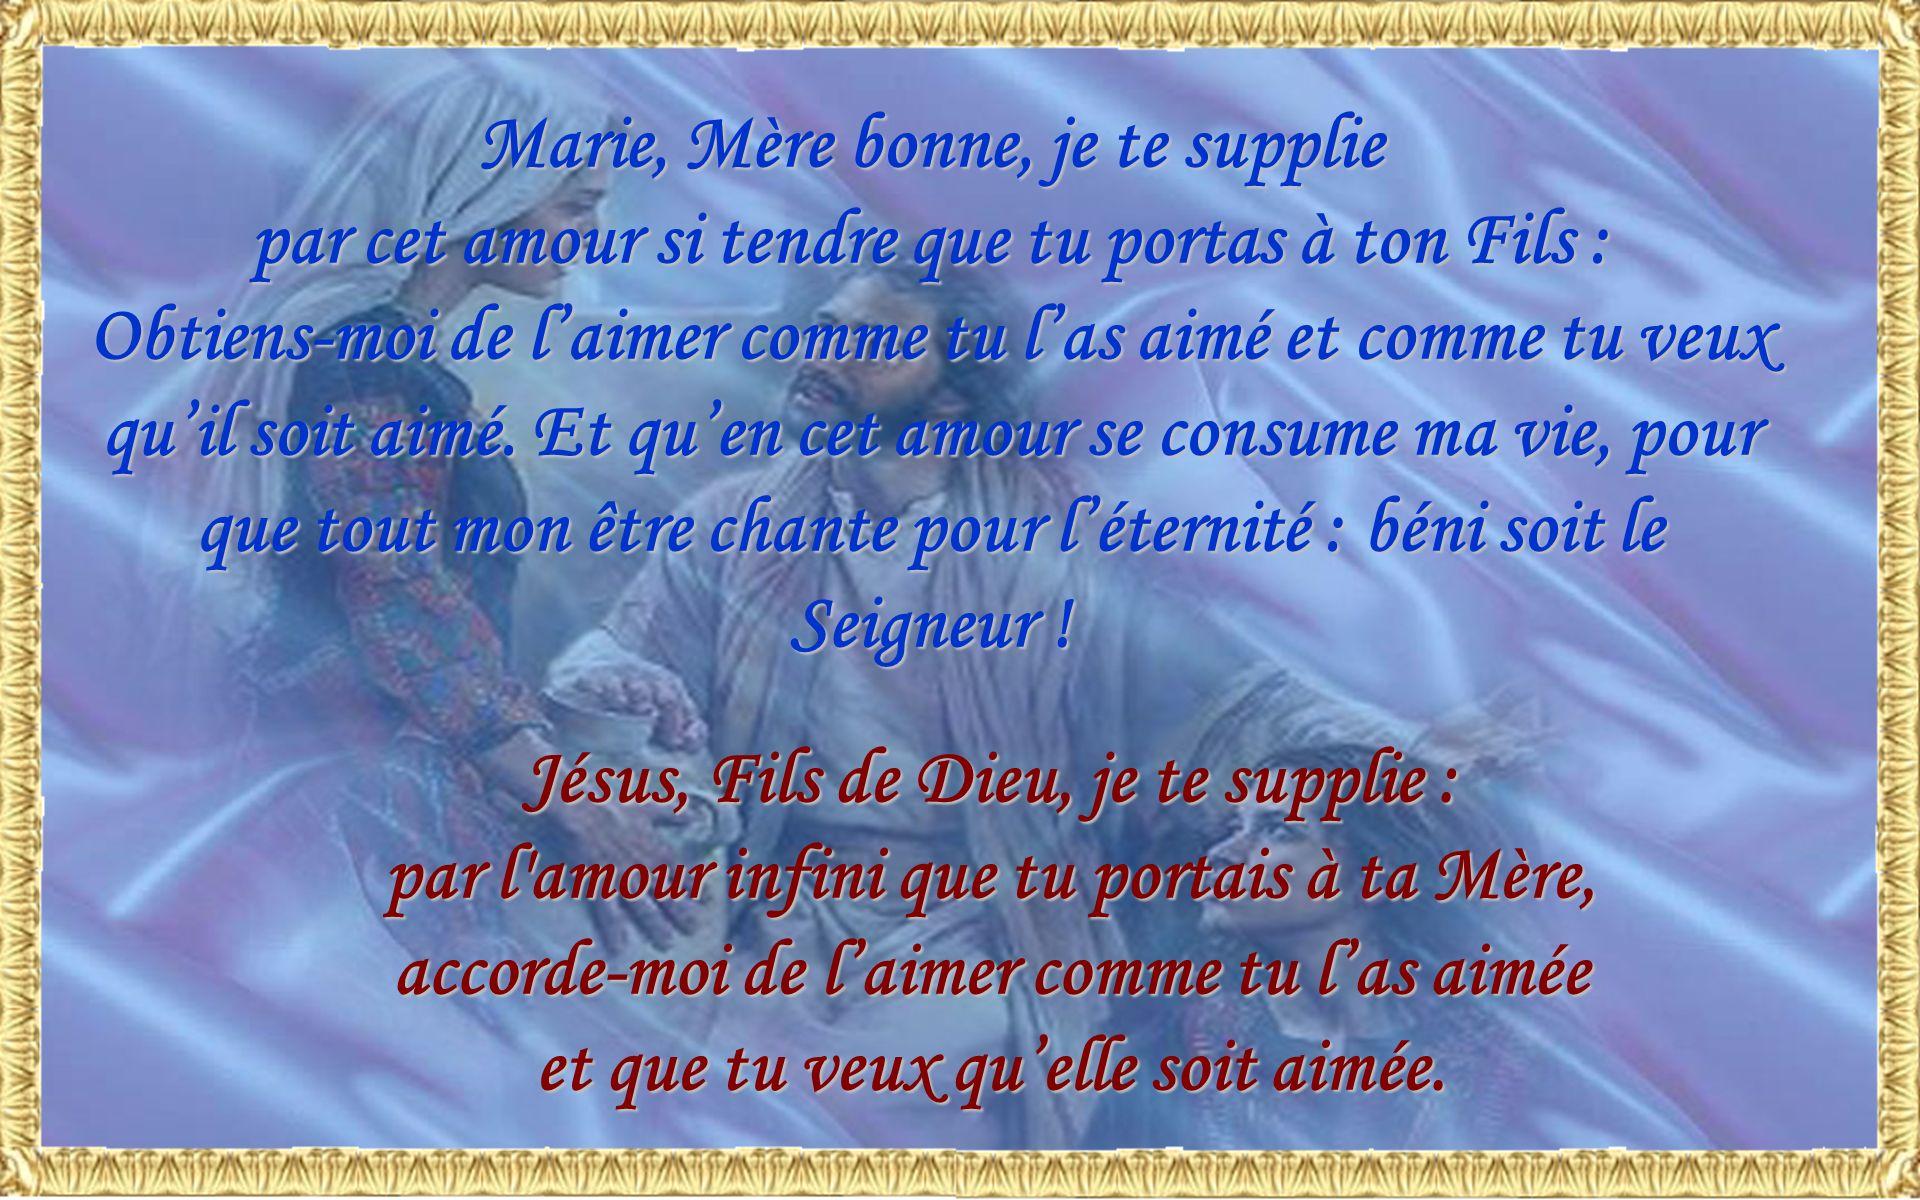 Marie, Mère bonne, je te supplie par cet amour si tendre que tu portas à ton Fils : Obtiens-moi de laimer comme tu las aimé et comme tu veux quil soit aimé.